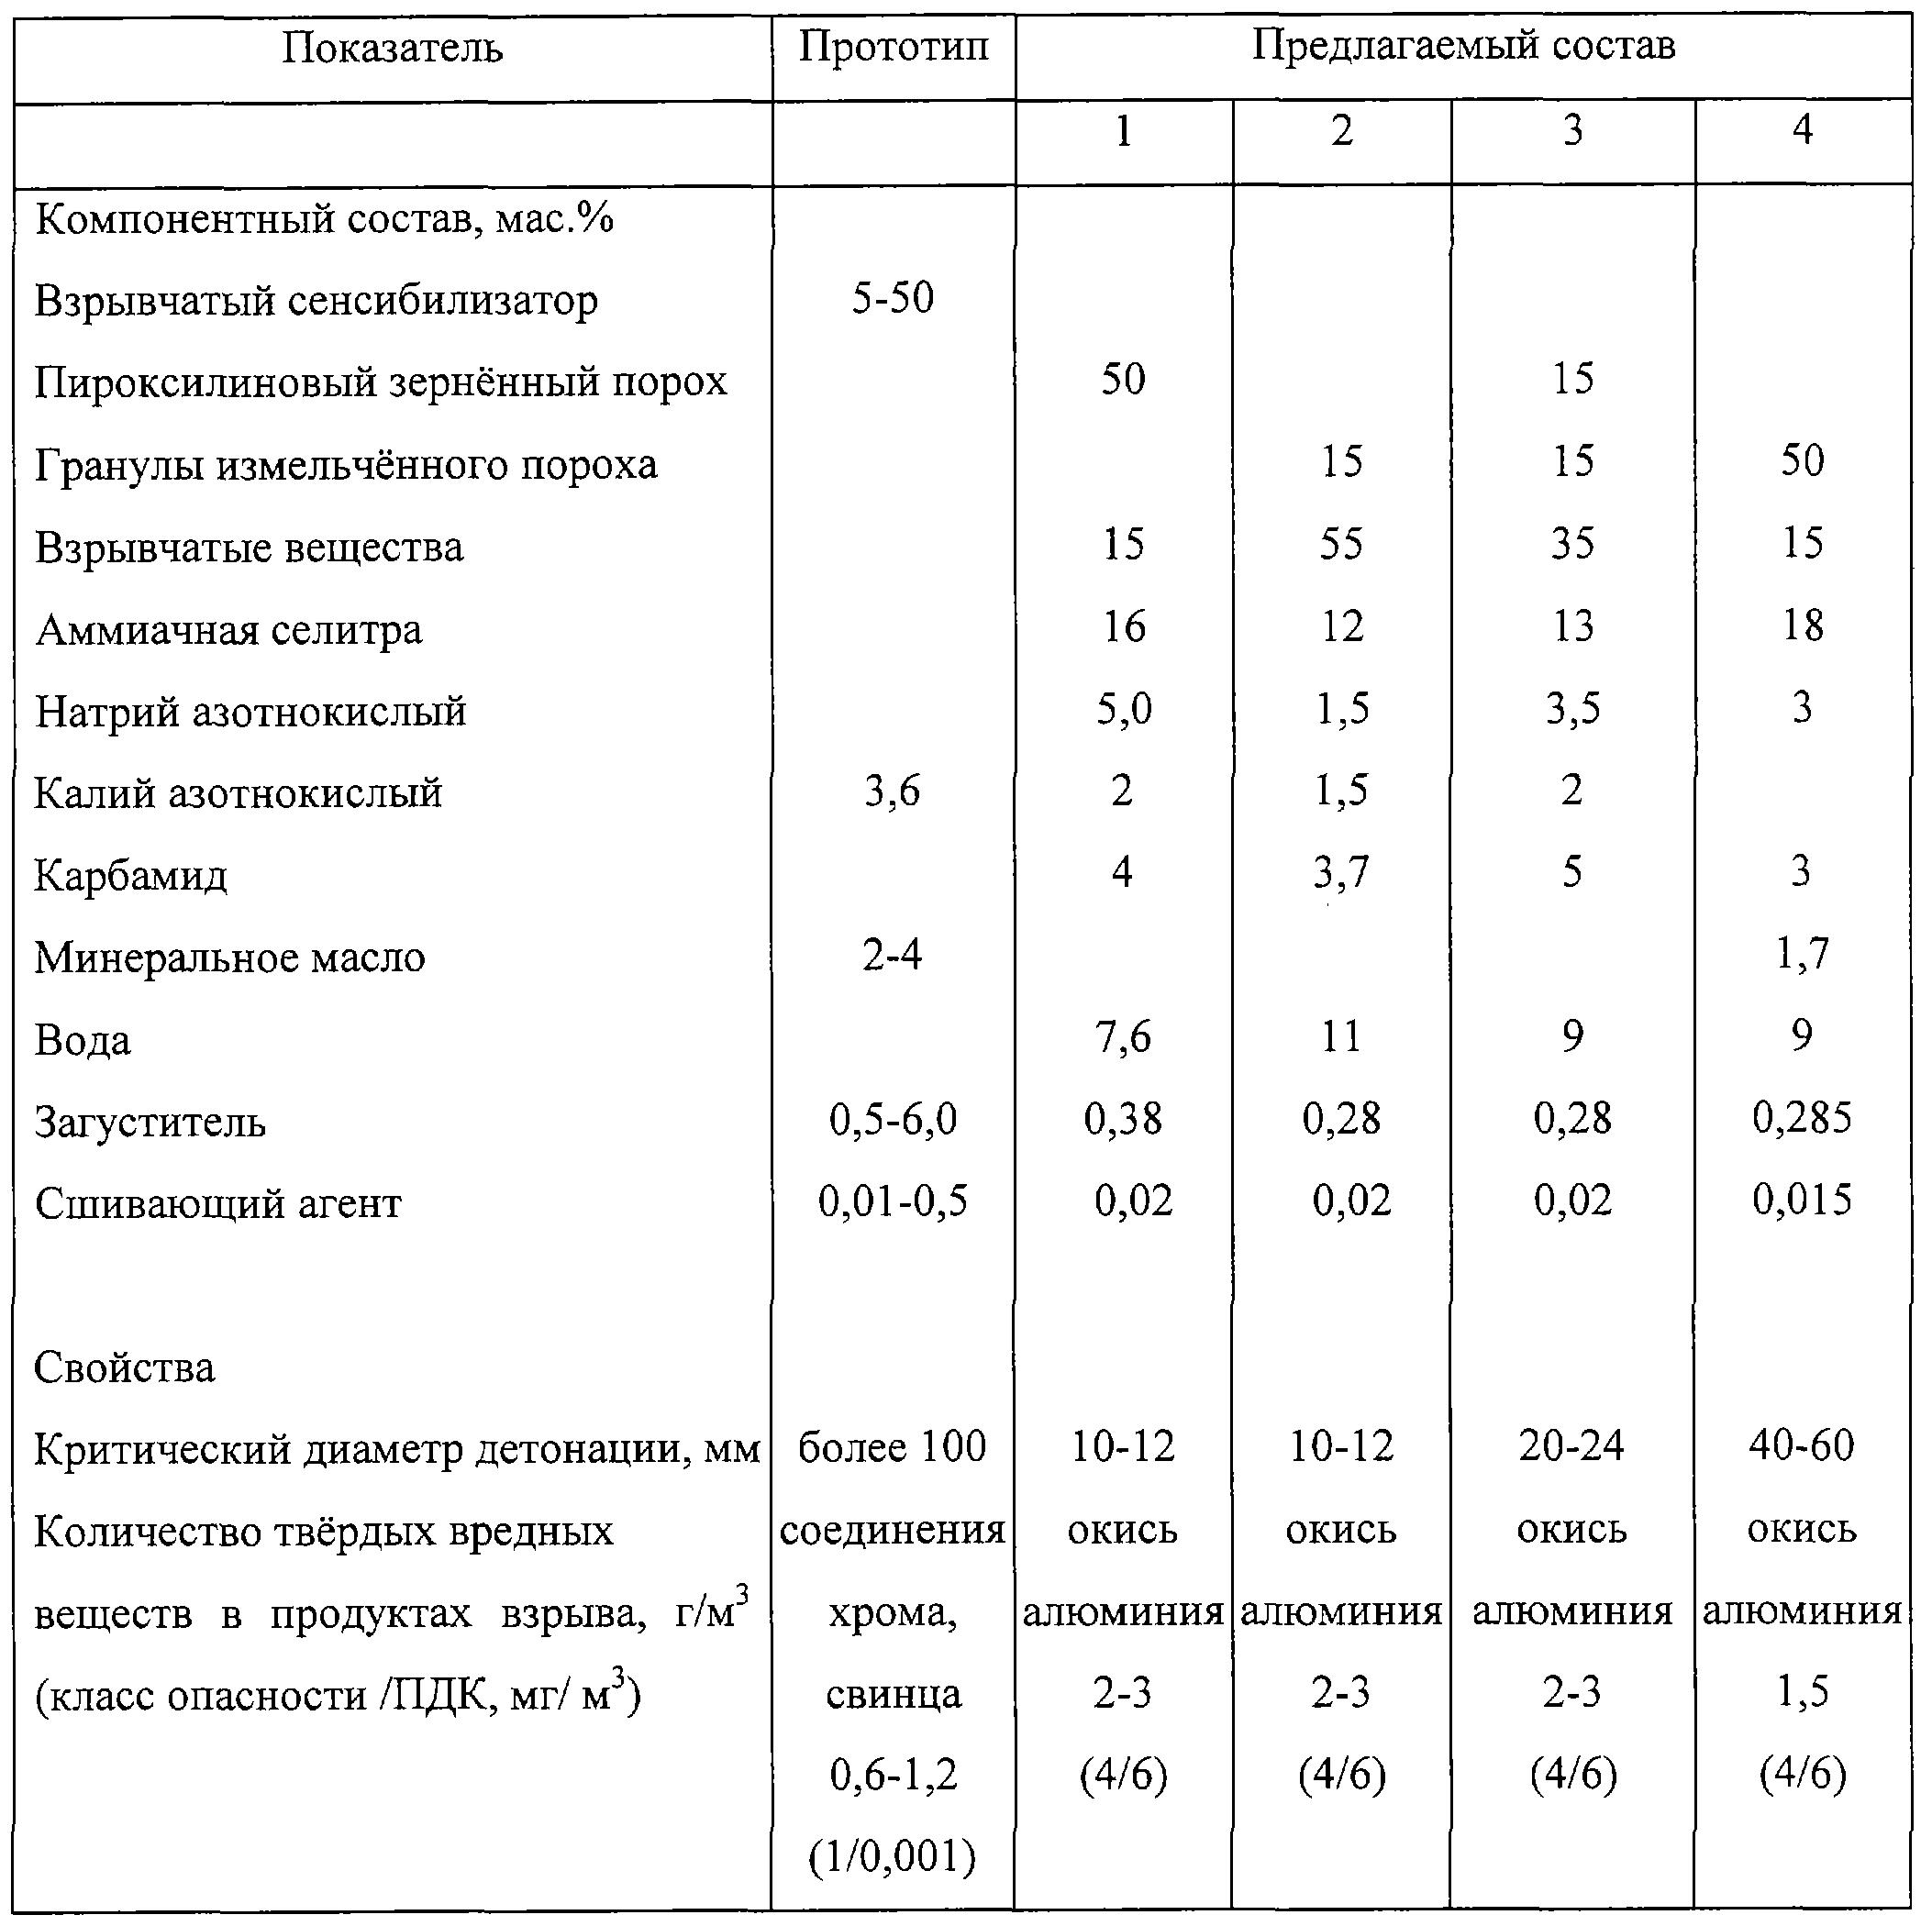 Состав пластида с4. пластит: описание, физико-химические характеристики, особенности применения. что есть с4